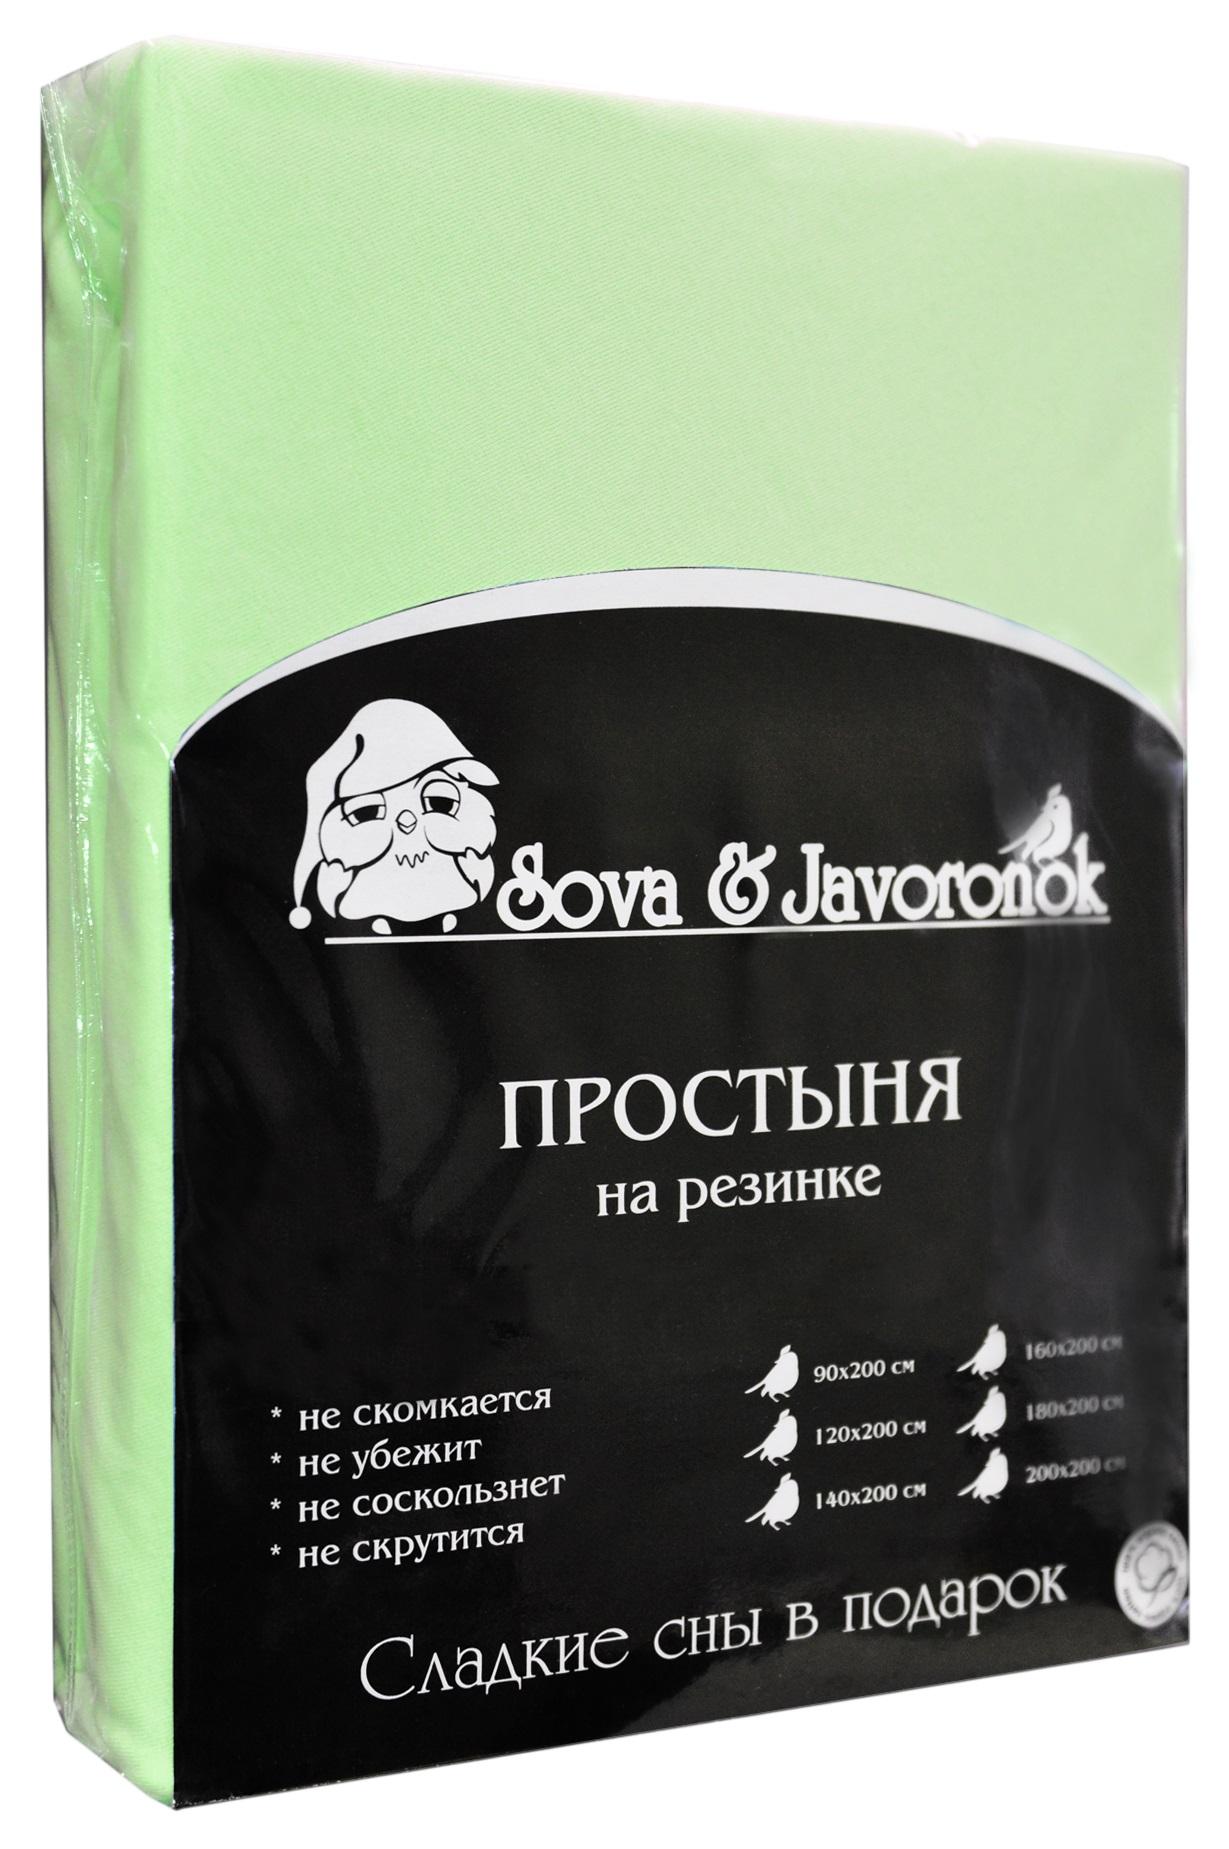 Простыня на резинке Sova & Javoronok, цвет: светло-зеленый, 120 см х 200 смES-412Простыня на резинке Sova & Javoronok, изготовленная из трикотажной ткани (100% хлопок), будет превосходно смотреться с любыми комплектами белья. Хлопчатобумажный трикотаж по праву считается одним из самых качественных, прочных и при этом приятных на ощупь. Его гигиеничность позволяет использовать простыню и в детских комнатах, к тому же 100%-ый хлопок в составе ткани не вызовет аллергии. У трикотажного полотна очень интересная структура, немного рыхлая за счет отсутствия плотного переплетения нитей и наличия особых петель, благодаря этому простыня Сова и Жаворонок отлично пропускает воздух и способствует его постоянной циркуляции. Поэтому ваша постель будет всегда оставаться свежей. Но главное и, пожалуй, самое известное свойство трикотажа - это его великолепная растяжимость, поэтому эта ткань и была выбрана для натяжной простыни на резинке.Простыня прошита резинкой по всему периметру, что обеспечивает более комфортный отдых, так как она прочно удерживается на матрасе и избавляет от необходимости часто поправлять простыню.